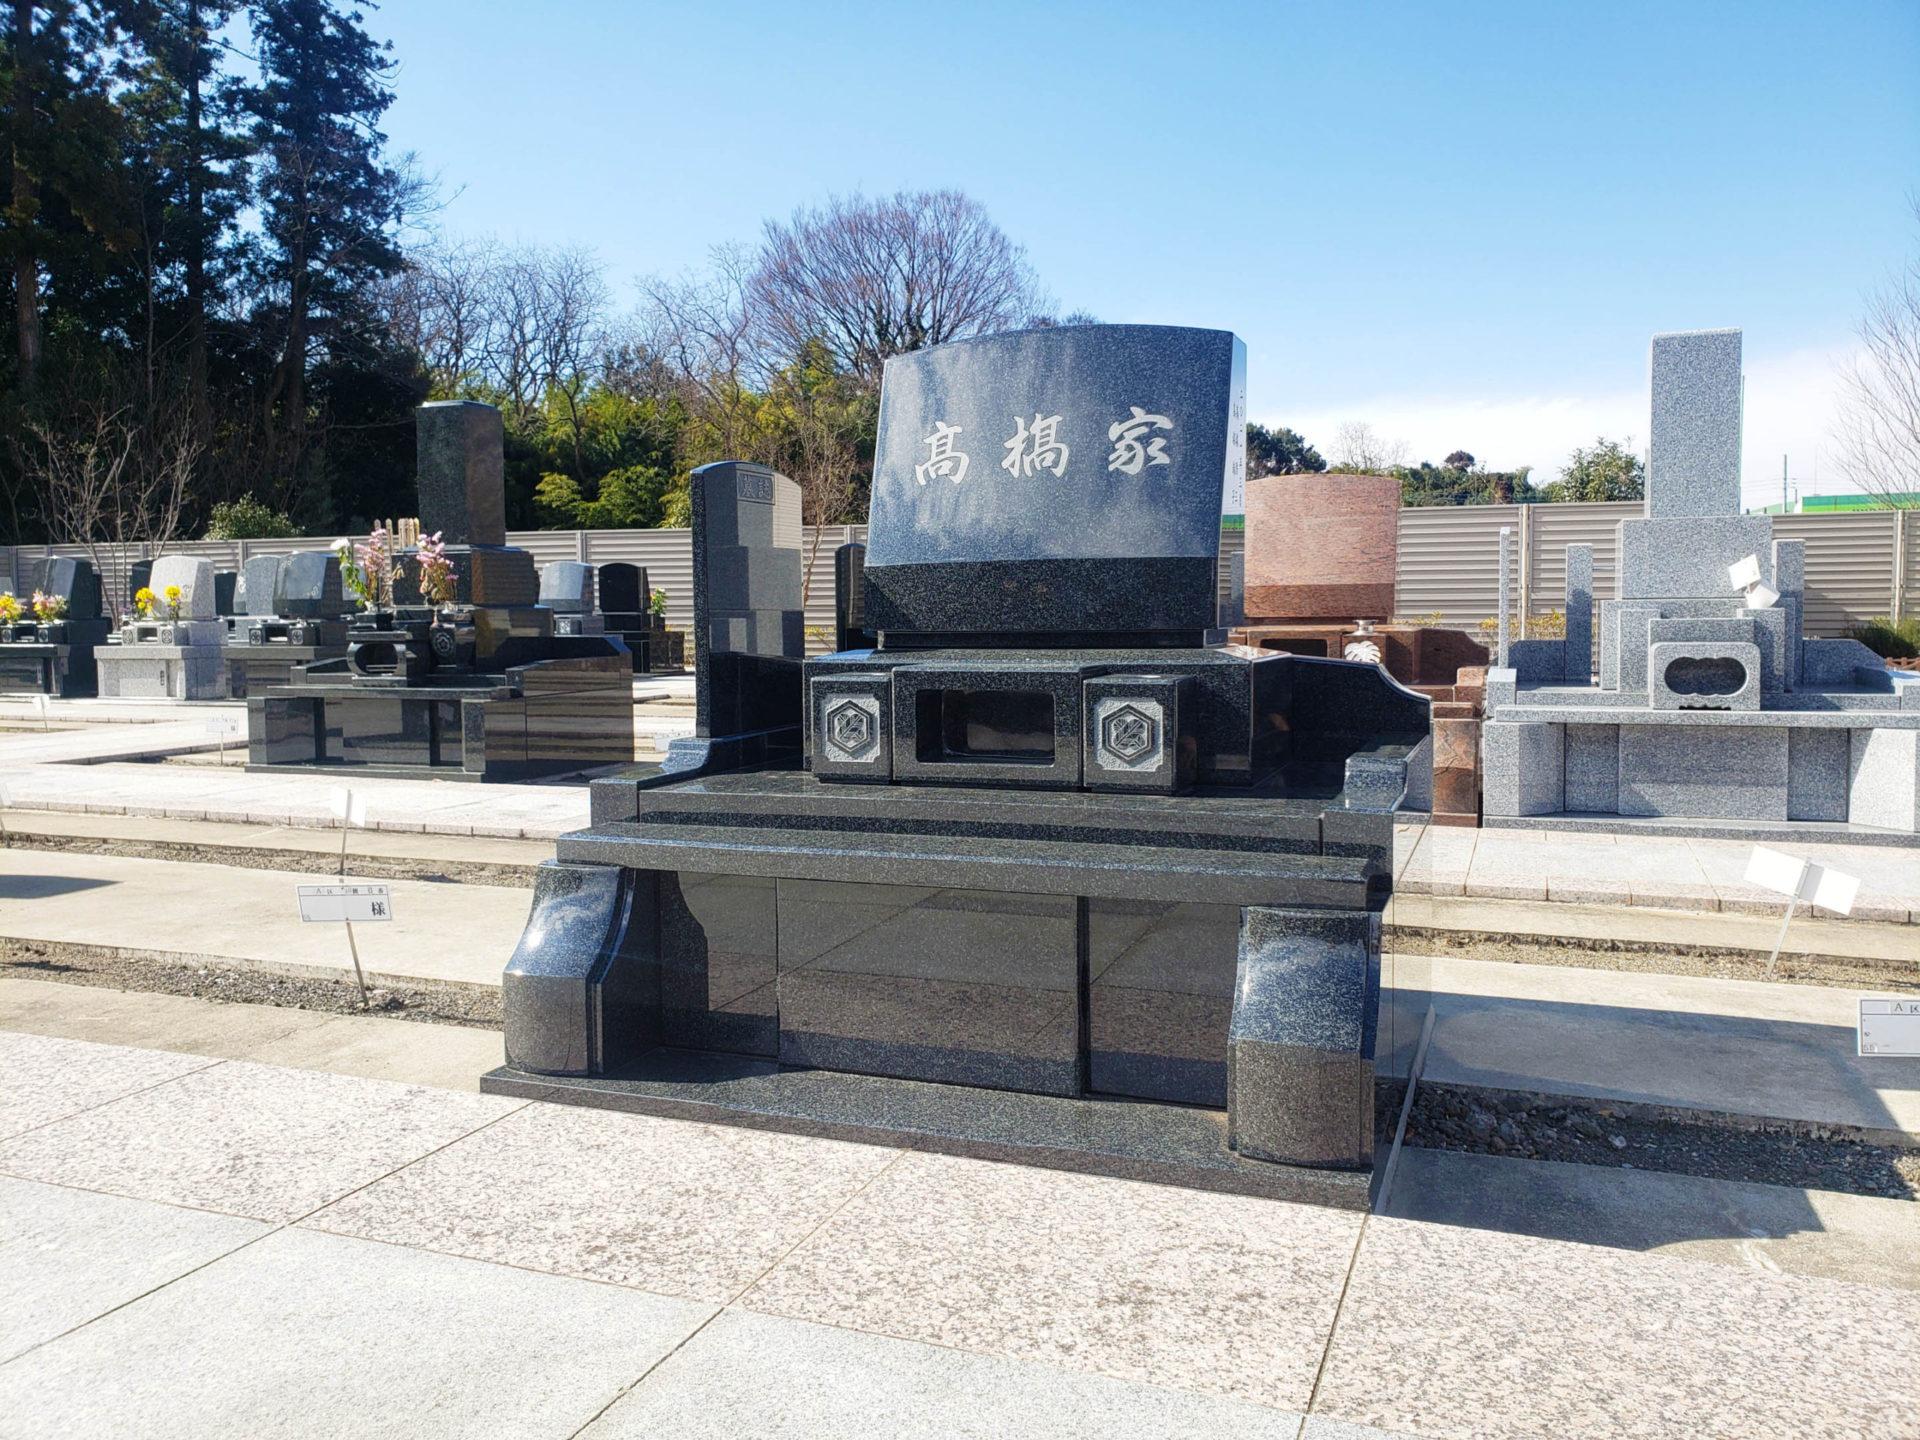 メモリアルガーデン梅郷聖地<br>高𣘺家墓石工事